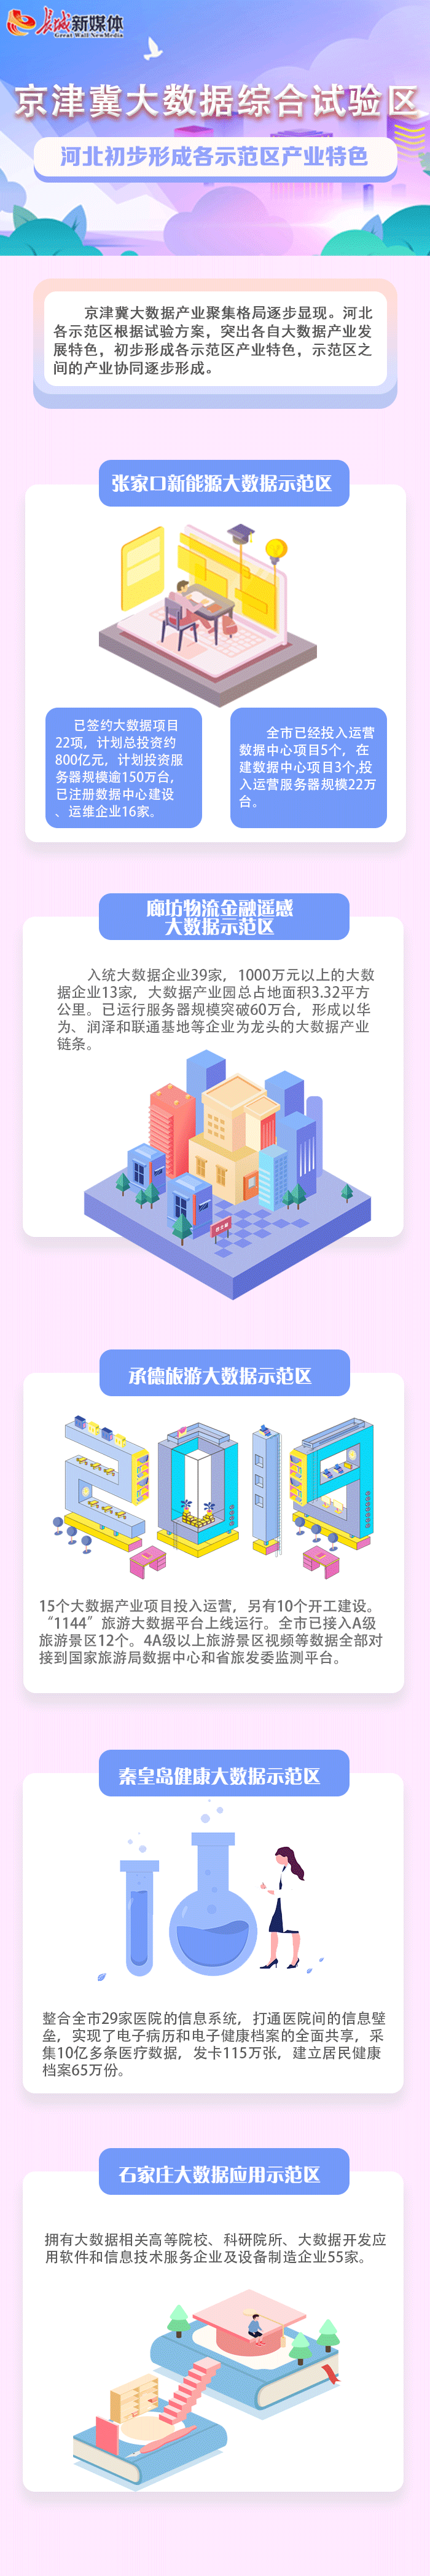 [关注2019国际数博会]京津冀大数据综合试验区建设成效显著